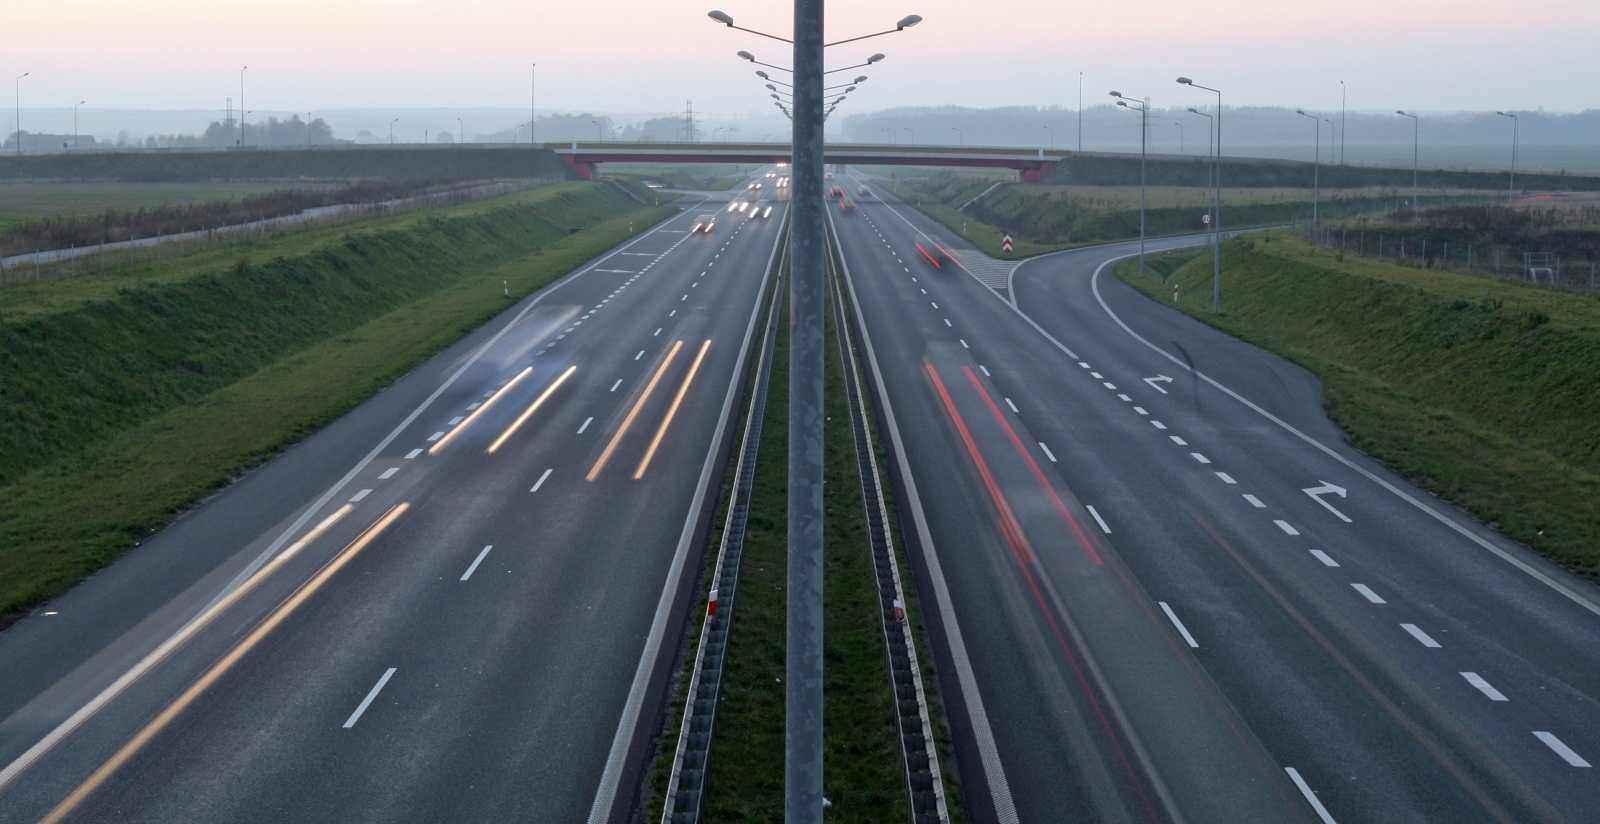 Contractul pentru finanțarea Subsecțiunii 3C3 Biharia-Borș a fost transmis către Comisia Europeană